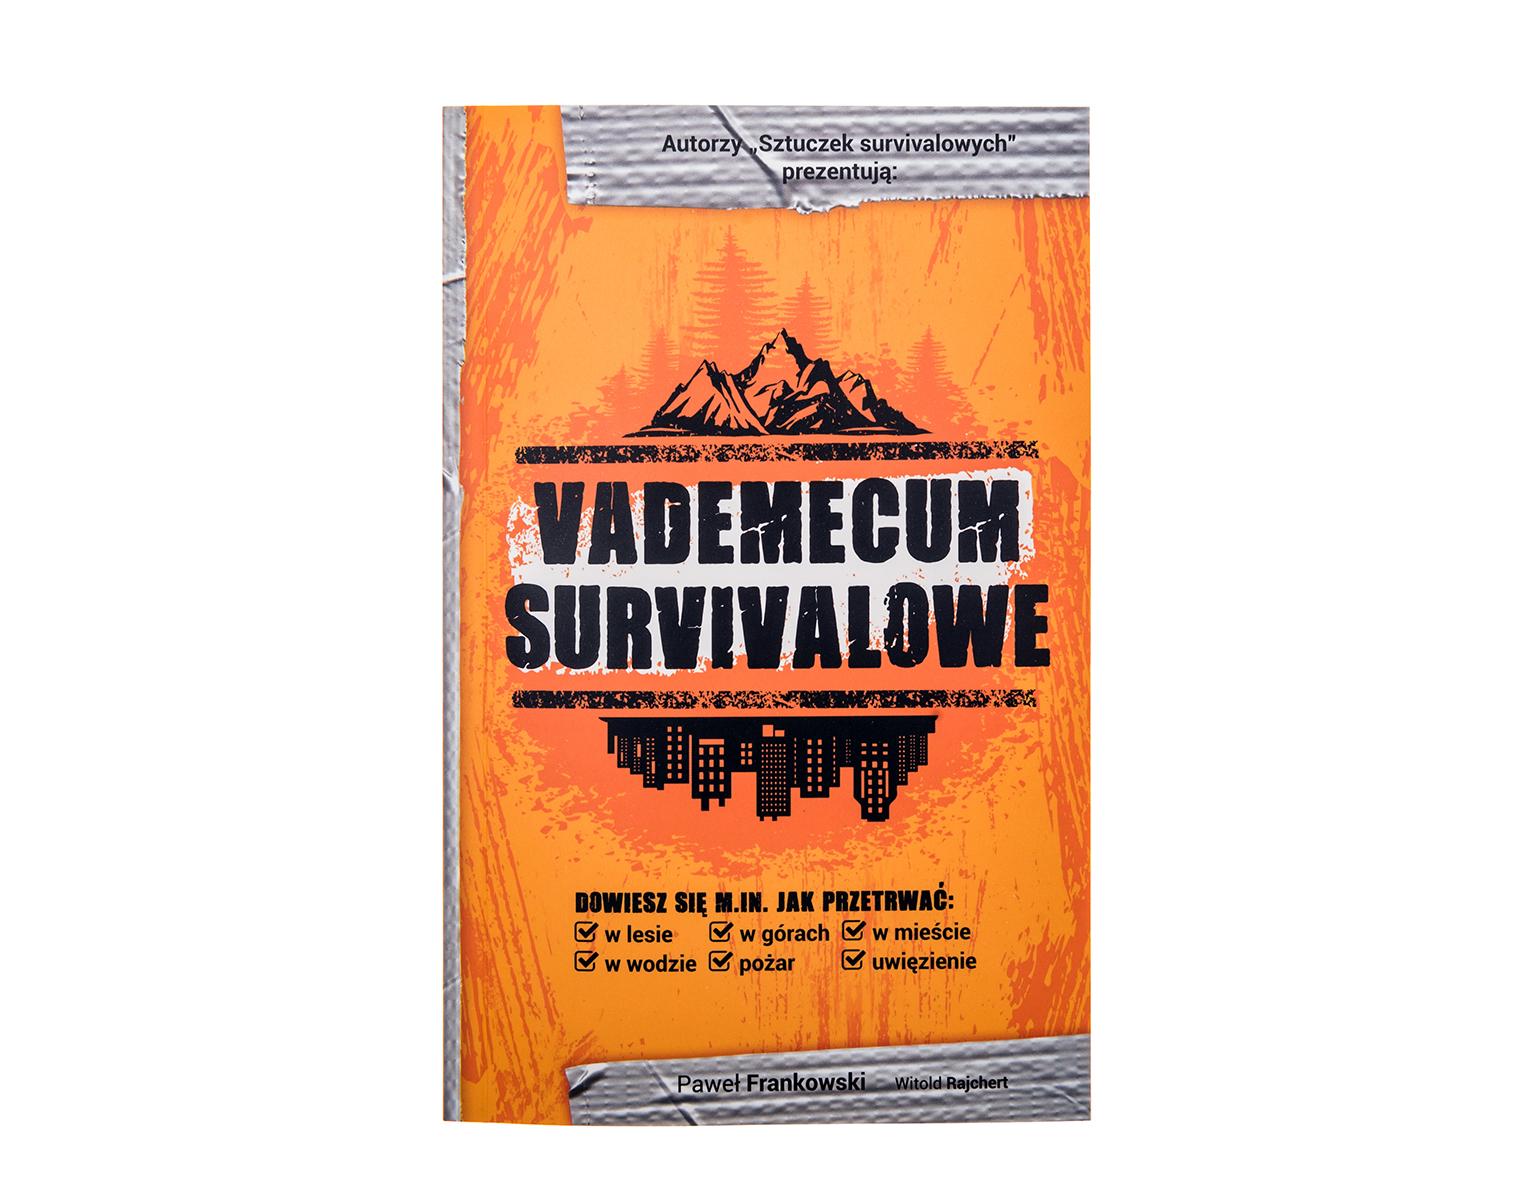 Ksiazka-vademecum-survivalowe-okladka